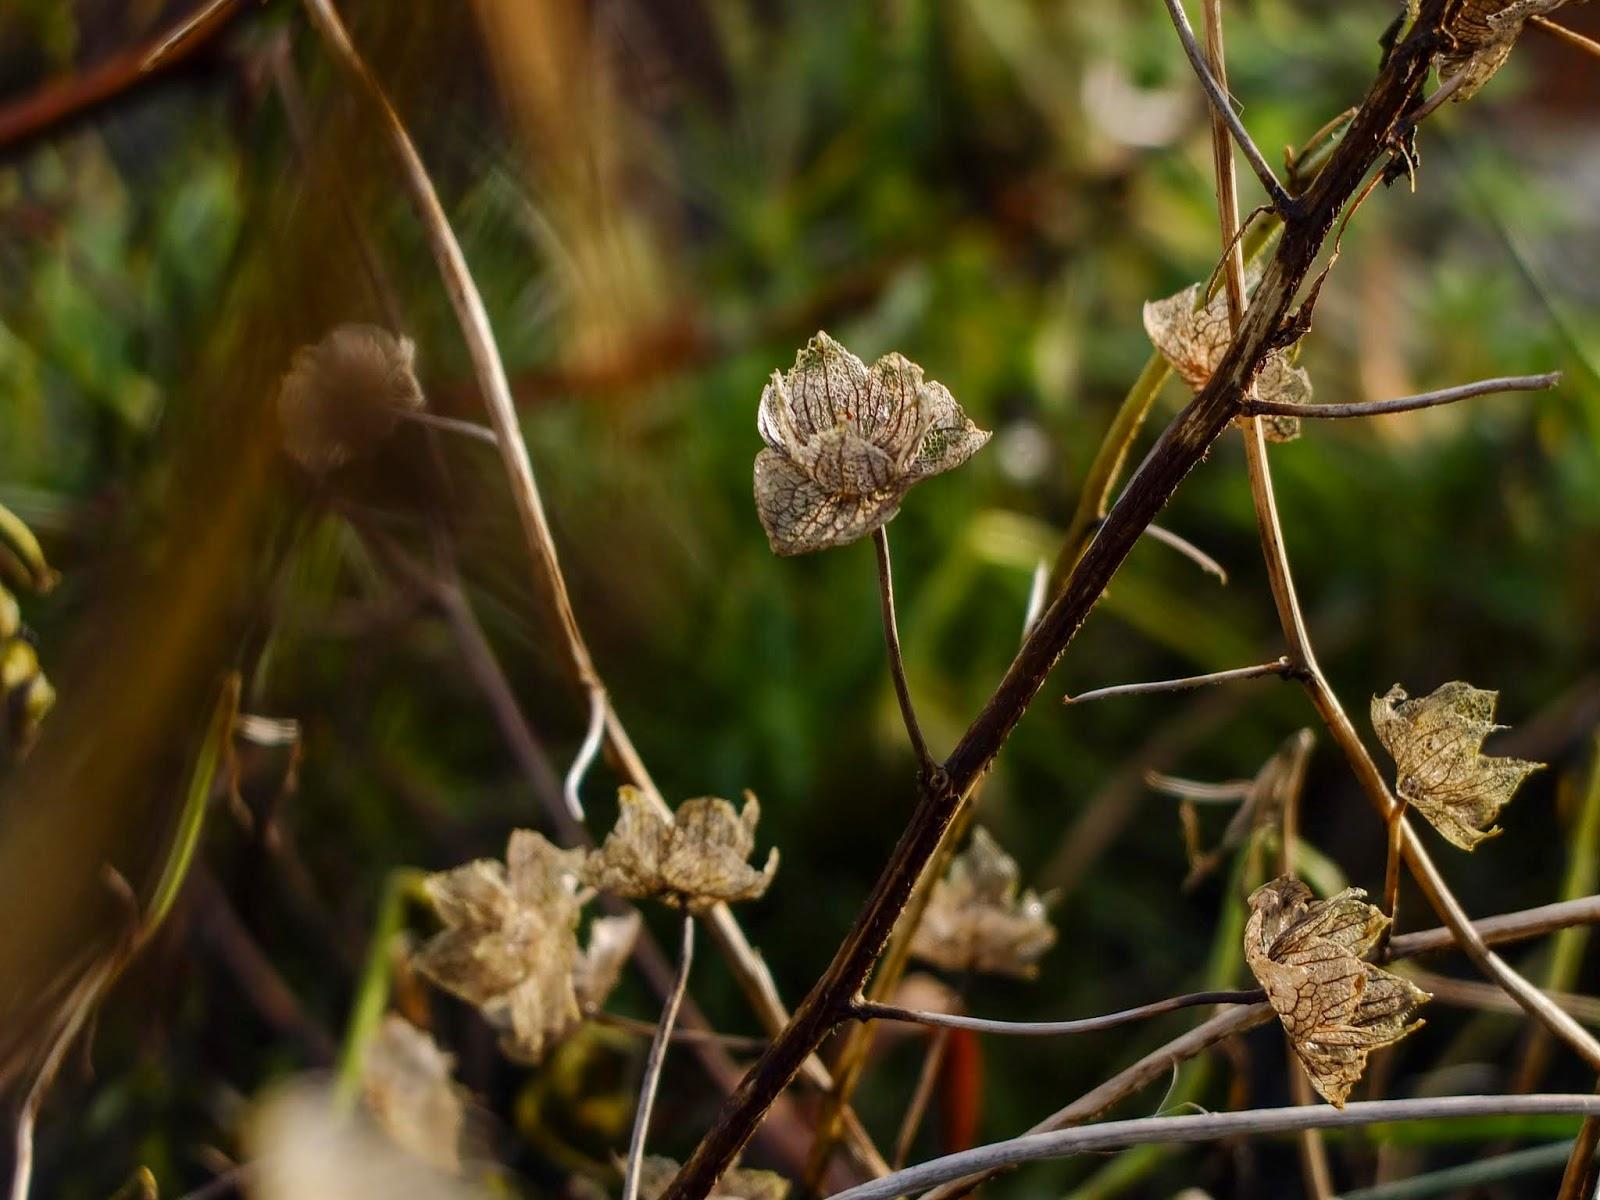 Tiny flower skeletons on a stem in the sunlight.